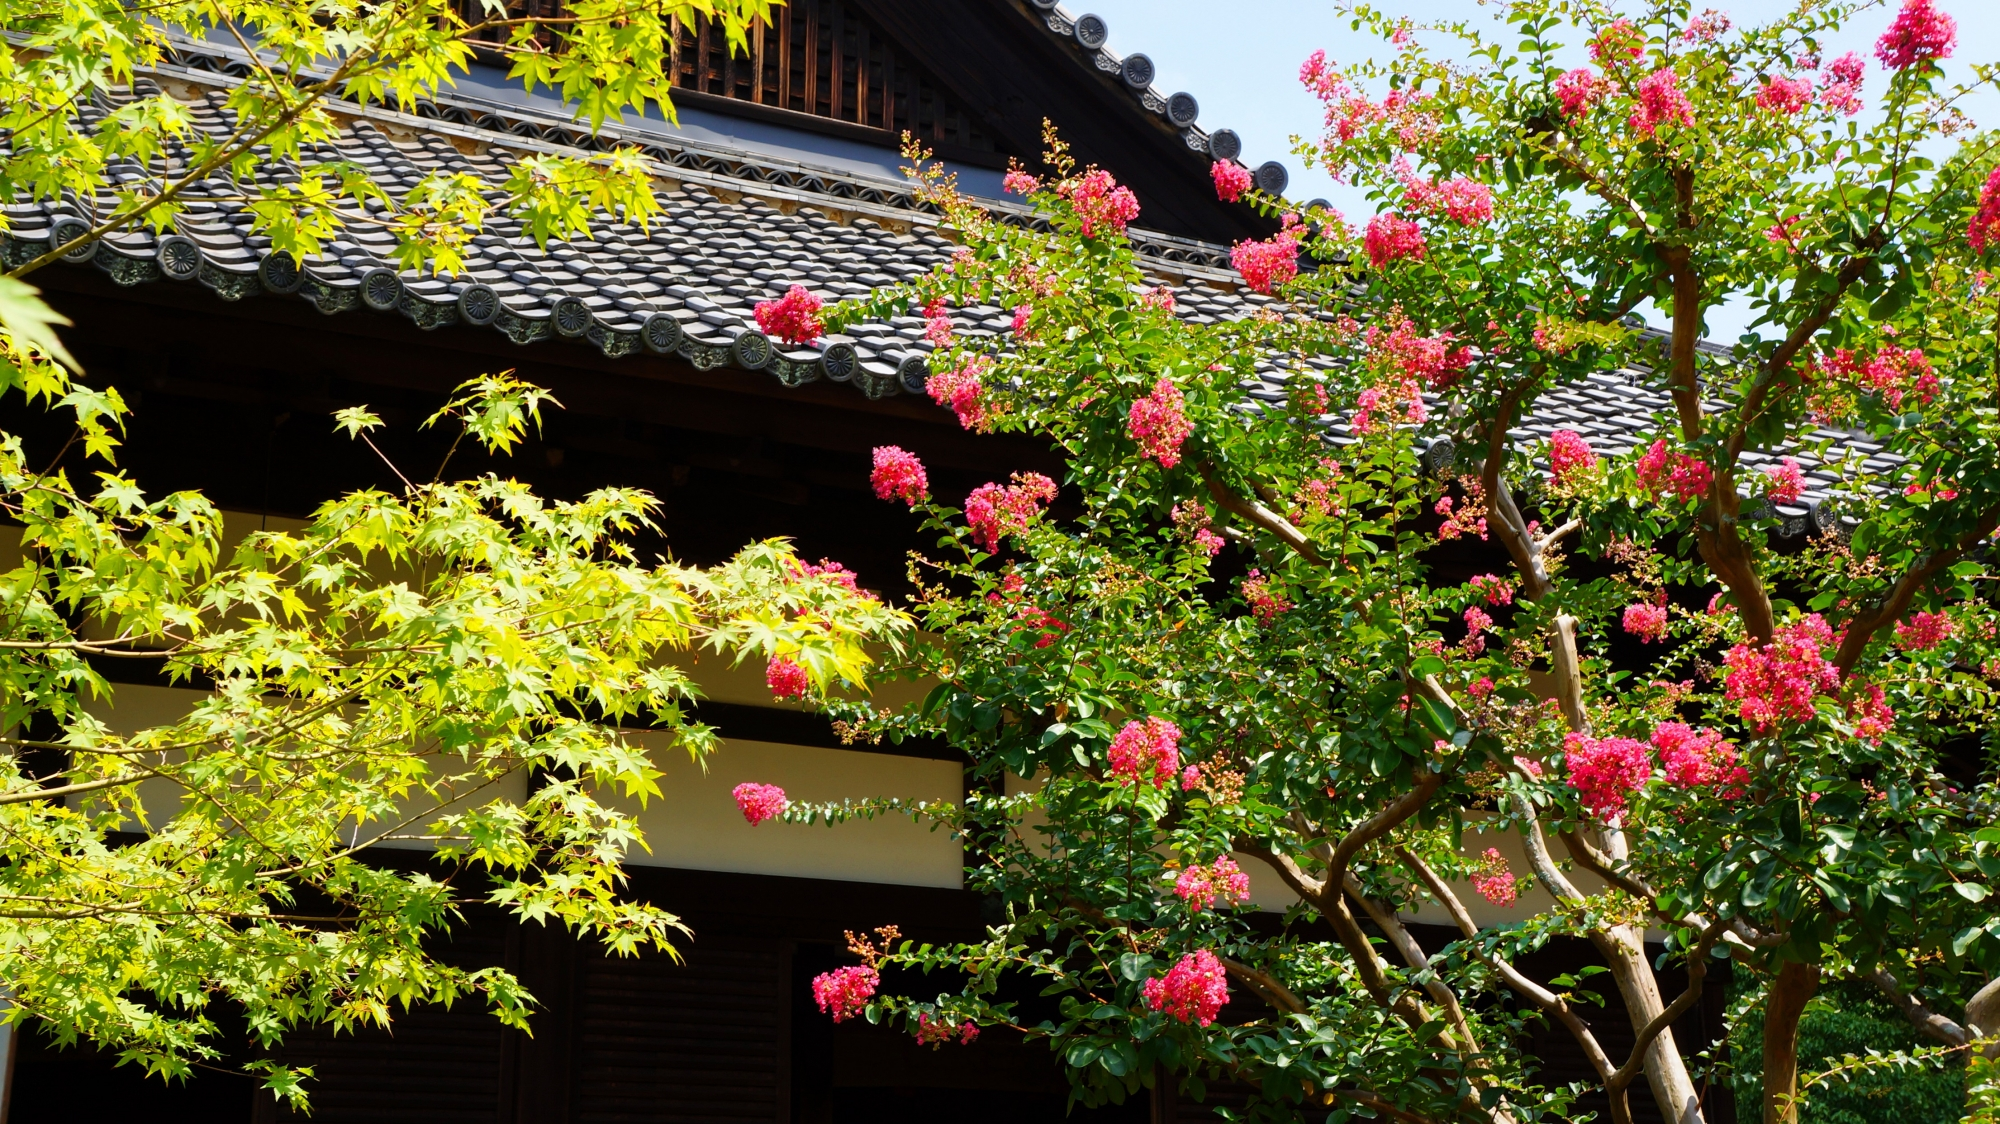 青蓮院 サルスベリと青もみじ 鮮やかなピンクと緑の庭園